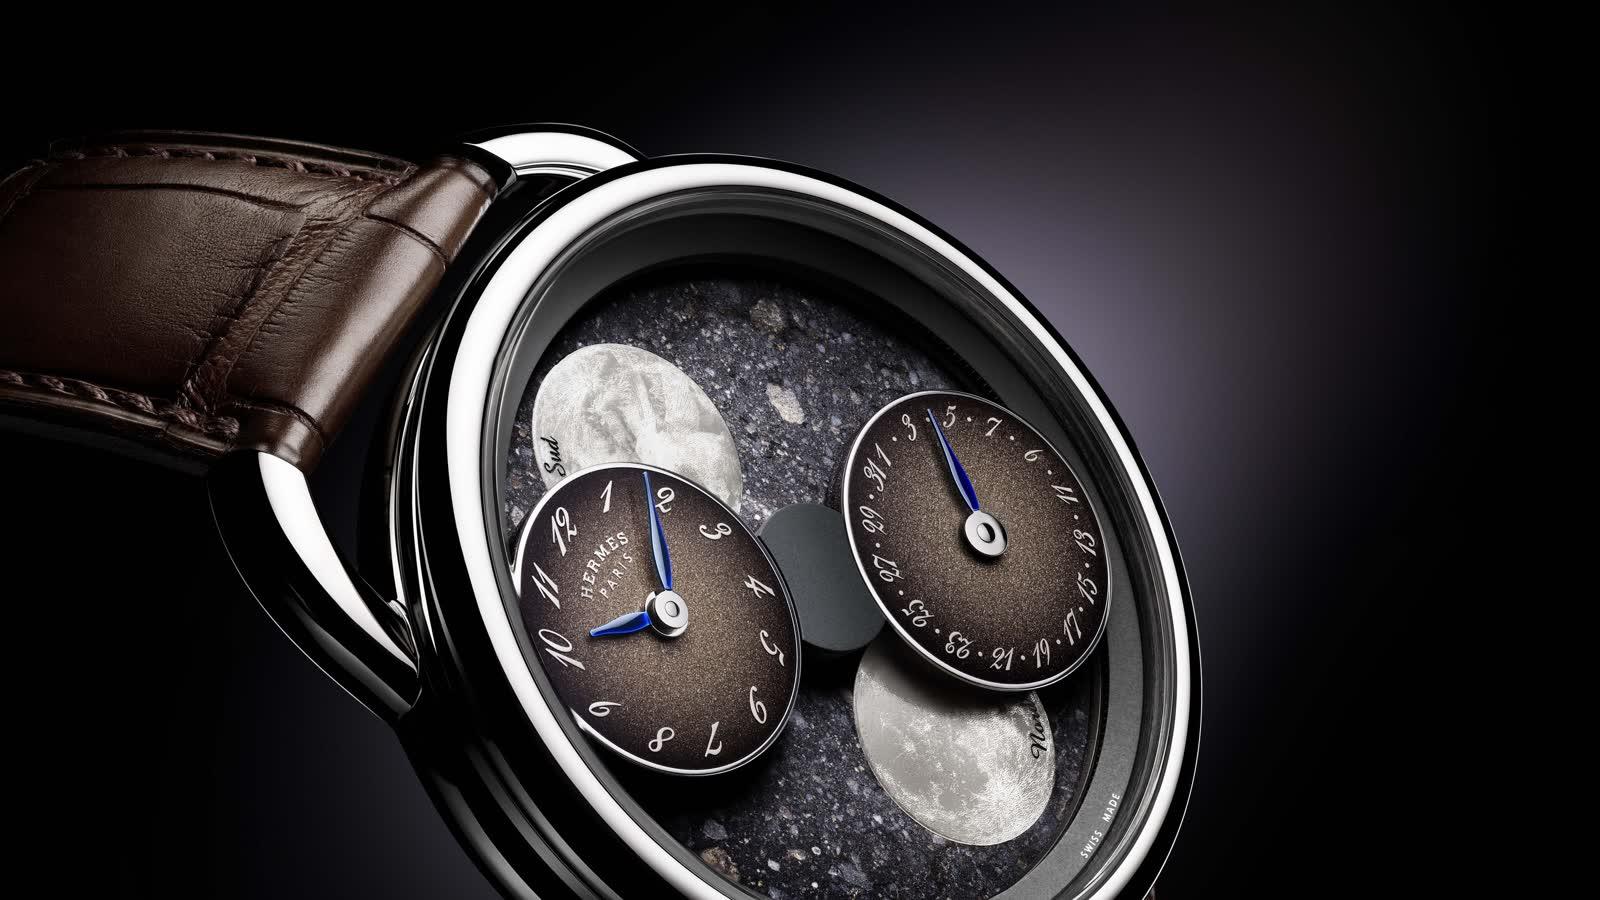 7 Uhren mit einem Meteoriten-Zifferblatt - von Rolex, Hermès, Omega & Co.